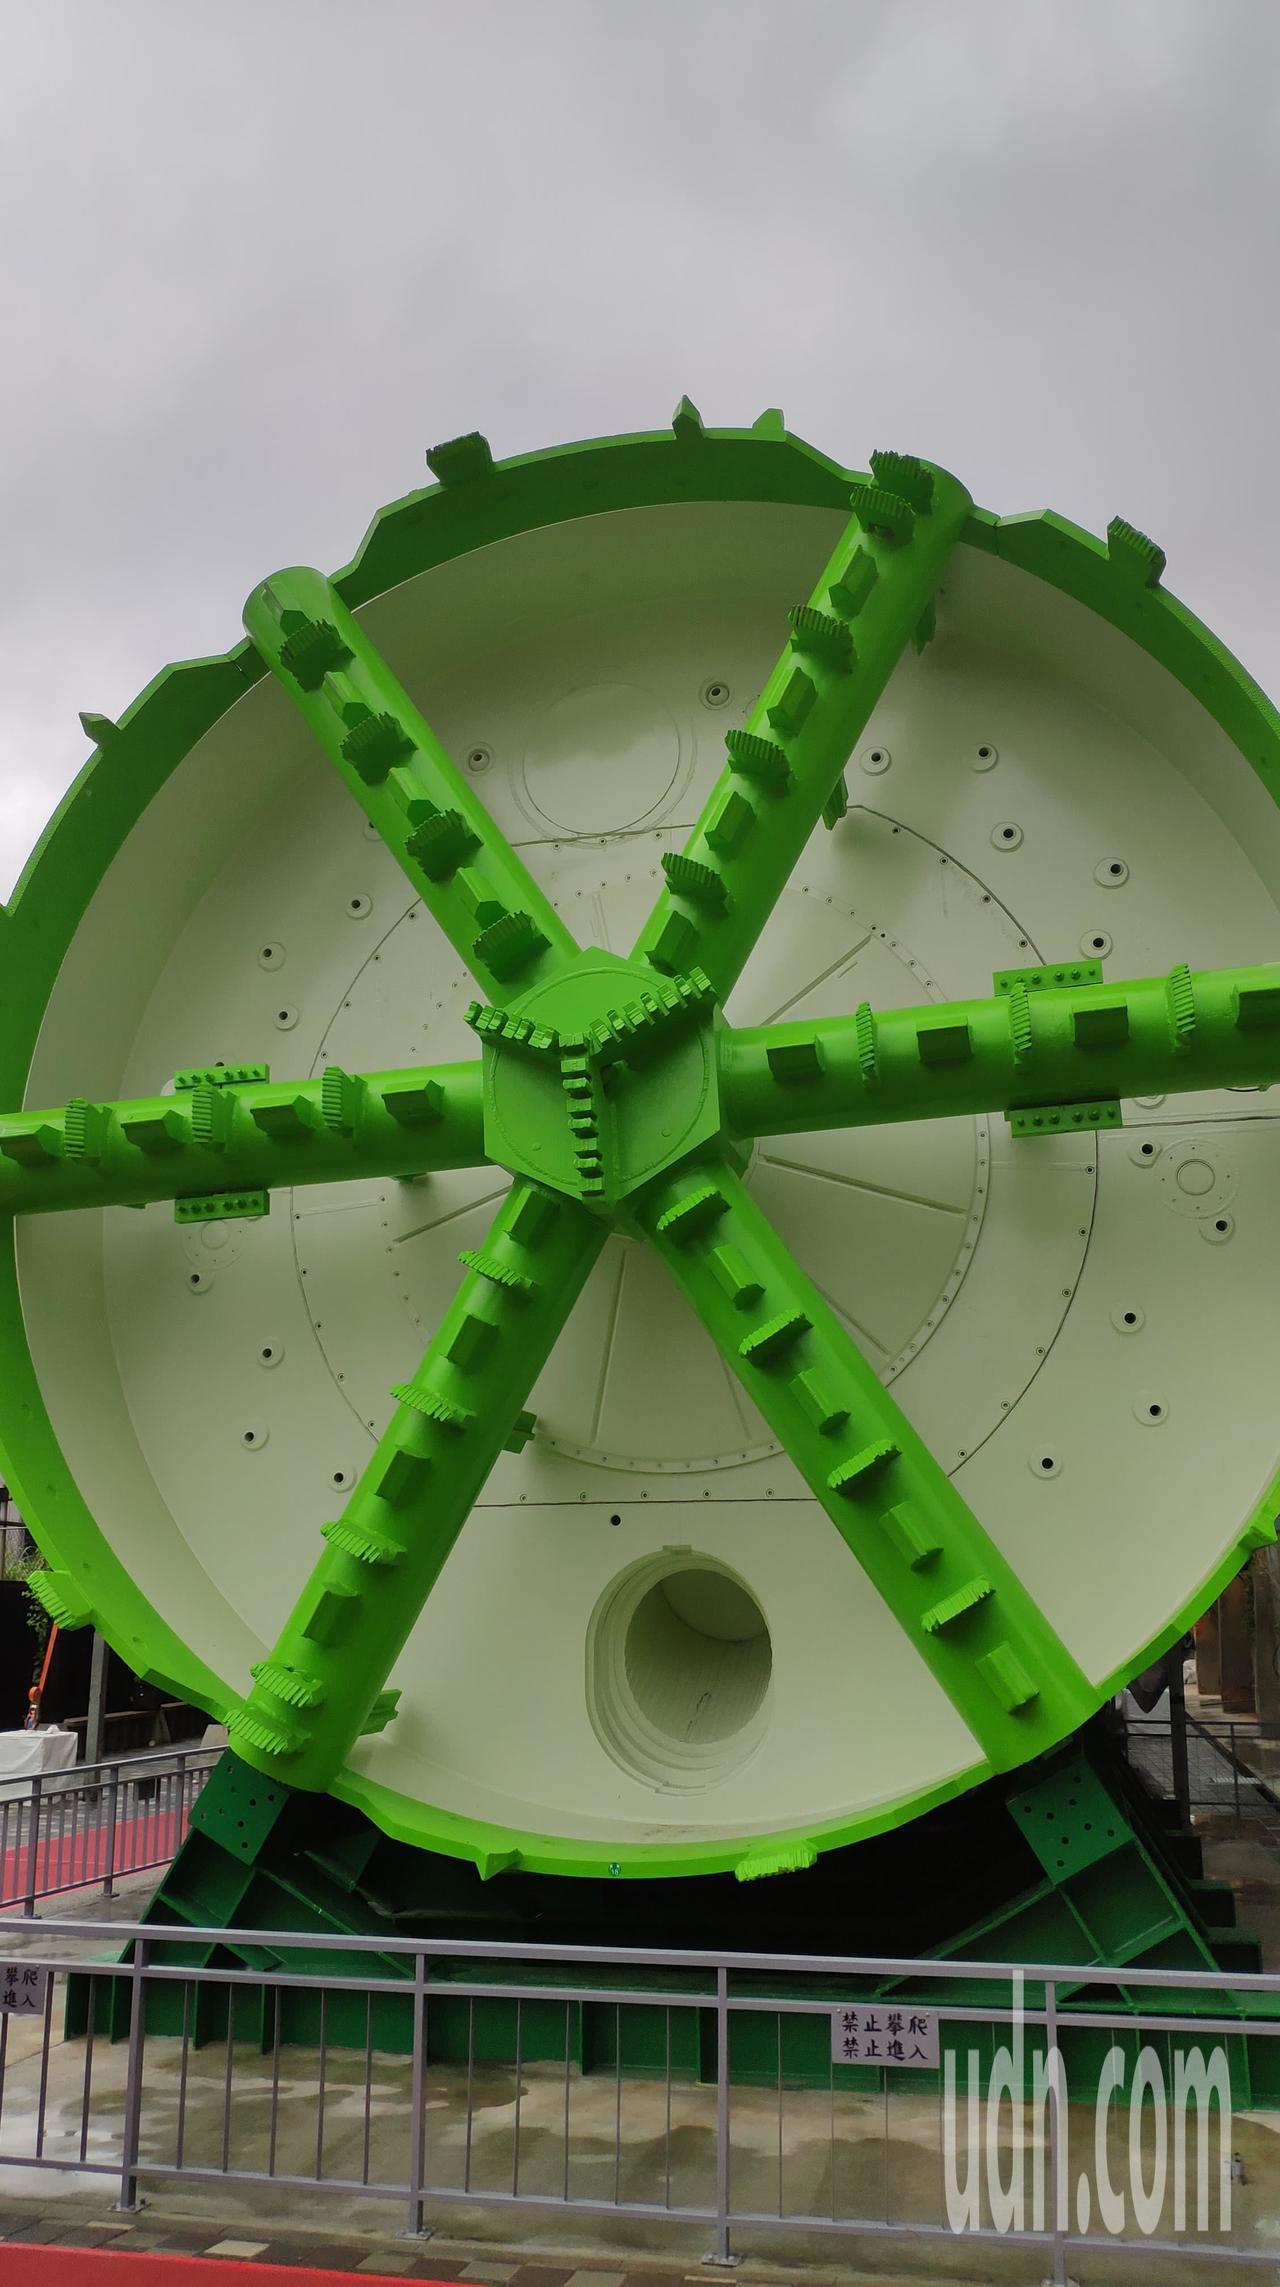 軌道願景館廣場外展示了「實體潛盾機」。記者李京昇/攝影